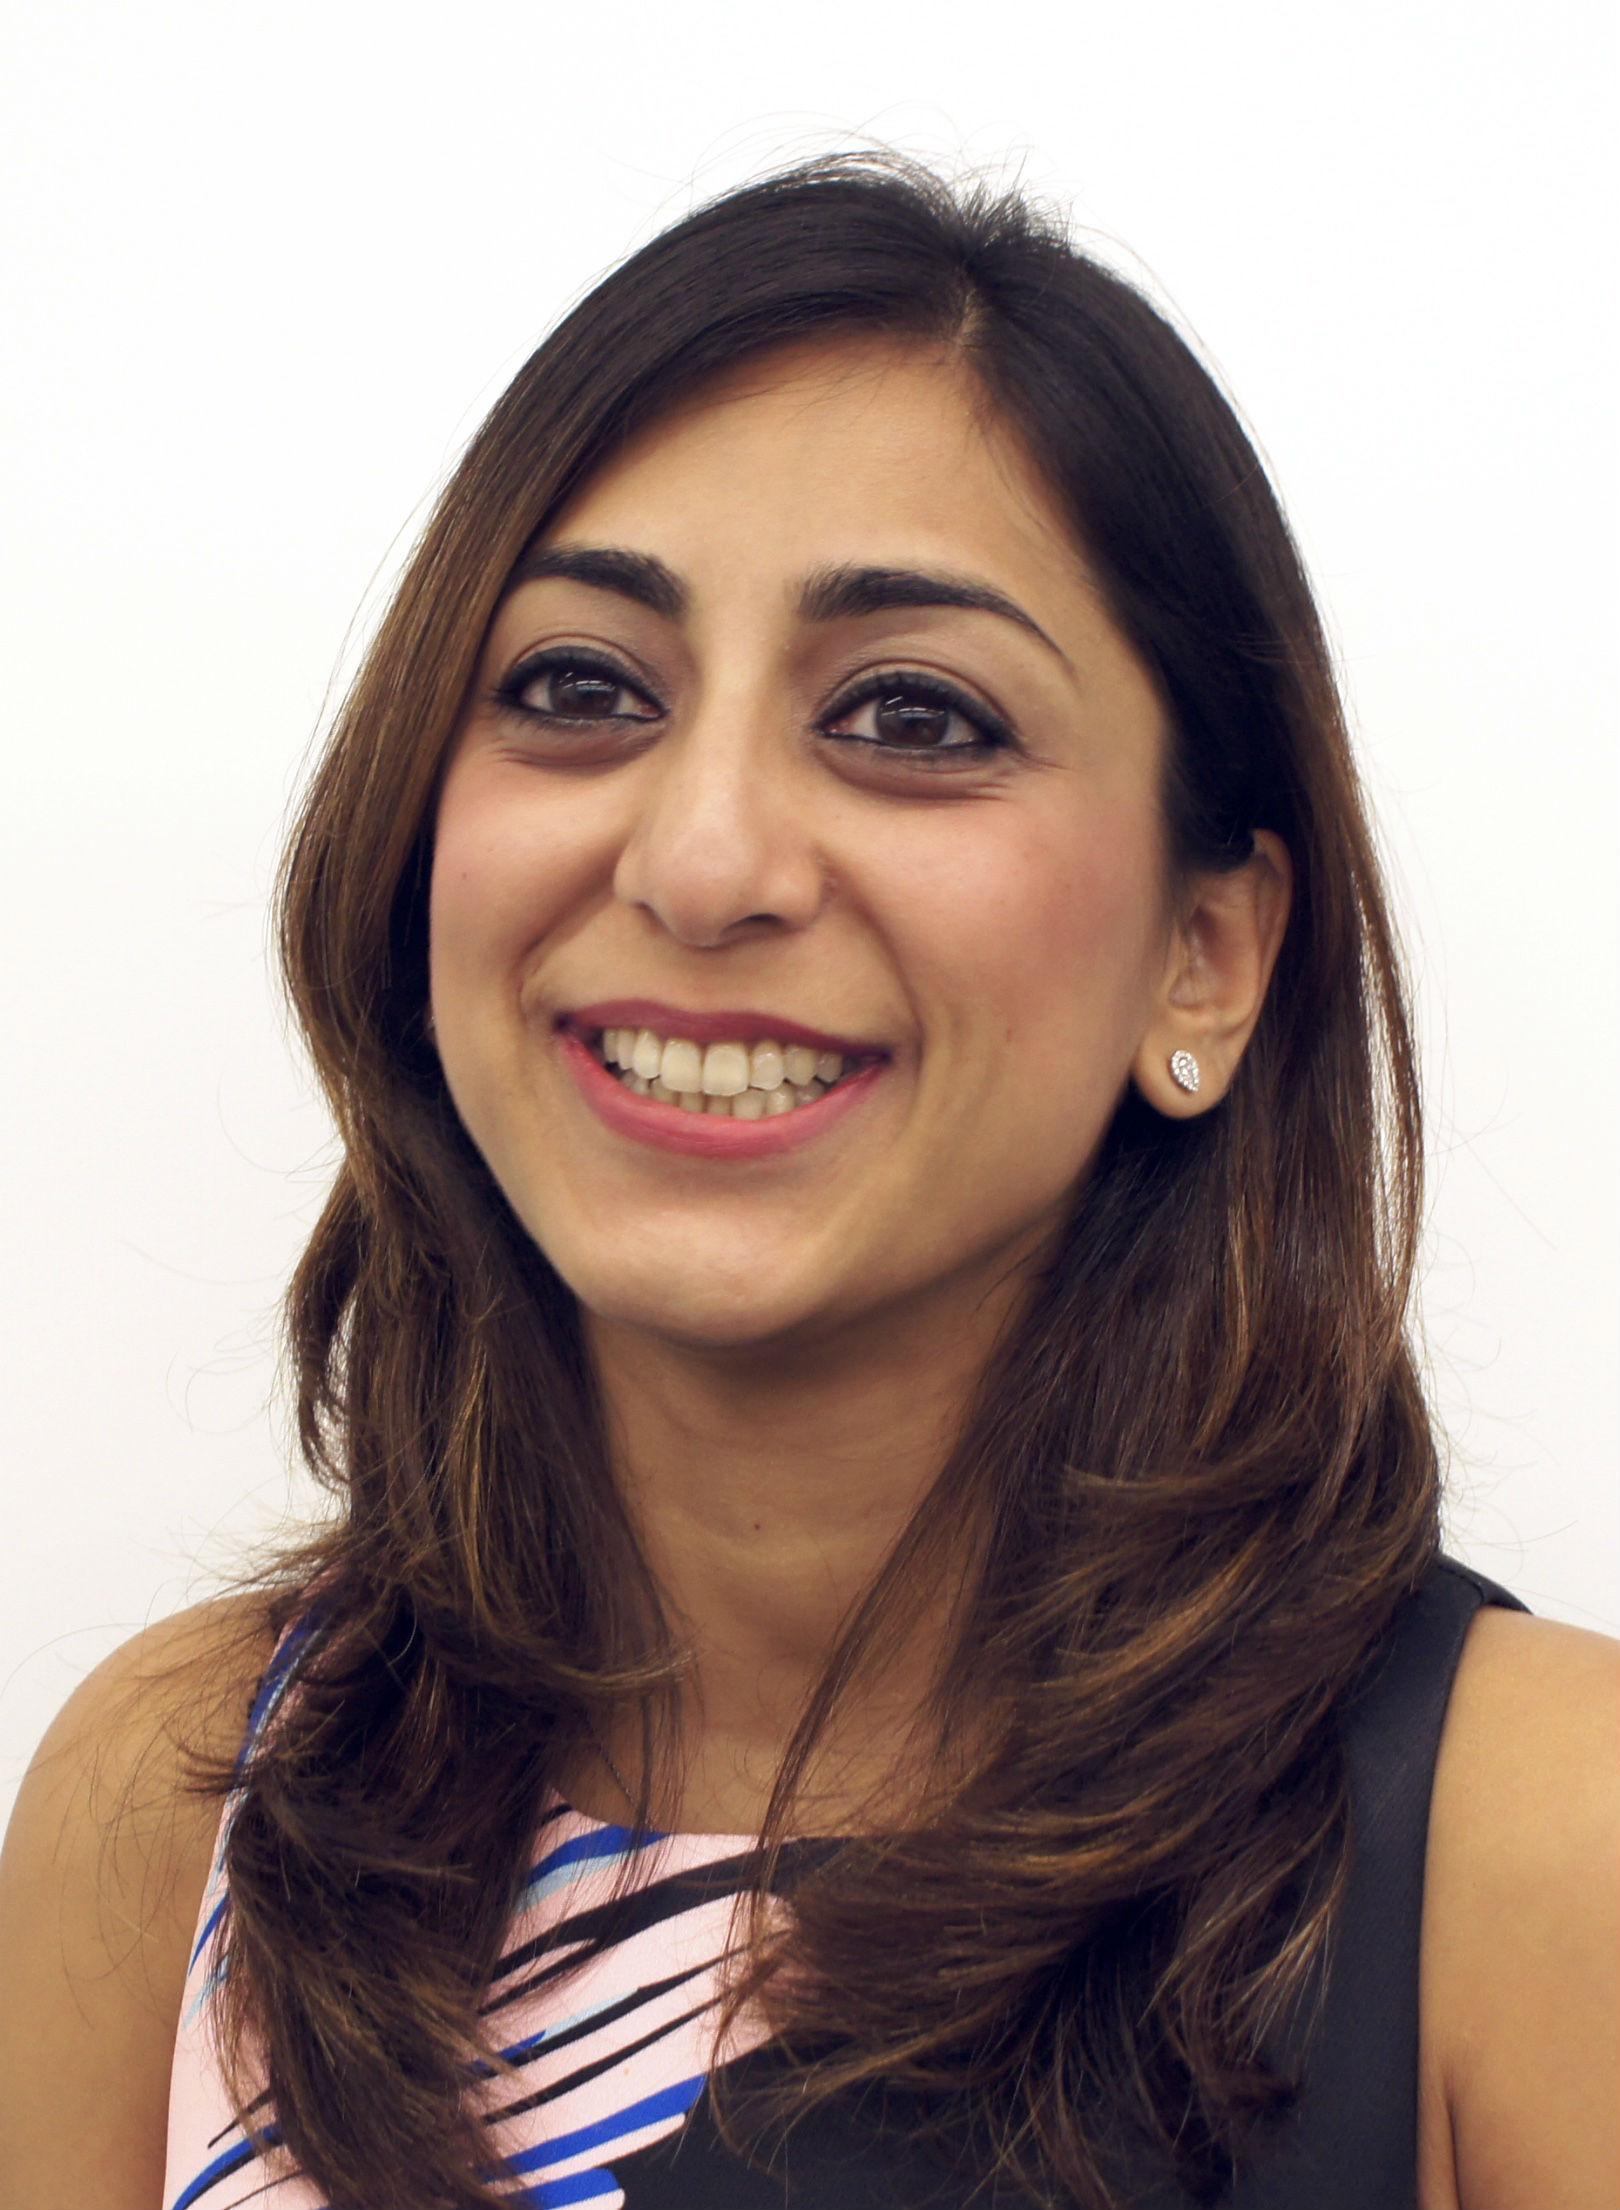 VanishaHarjani